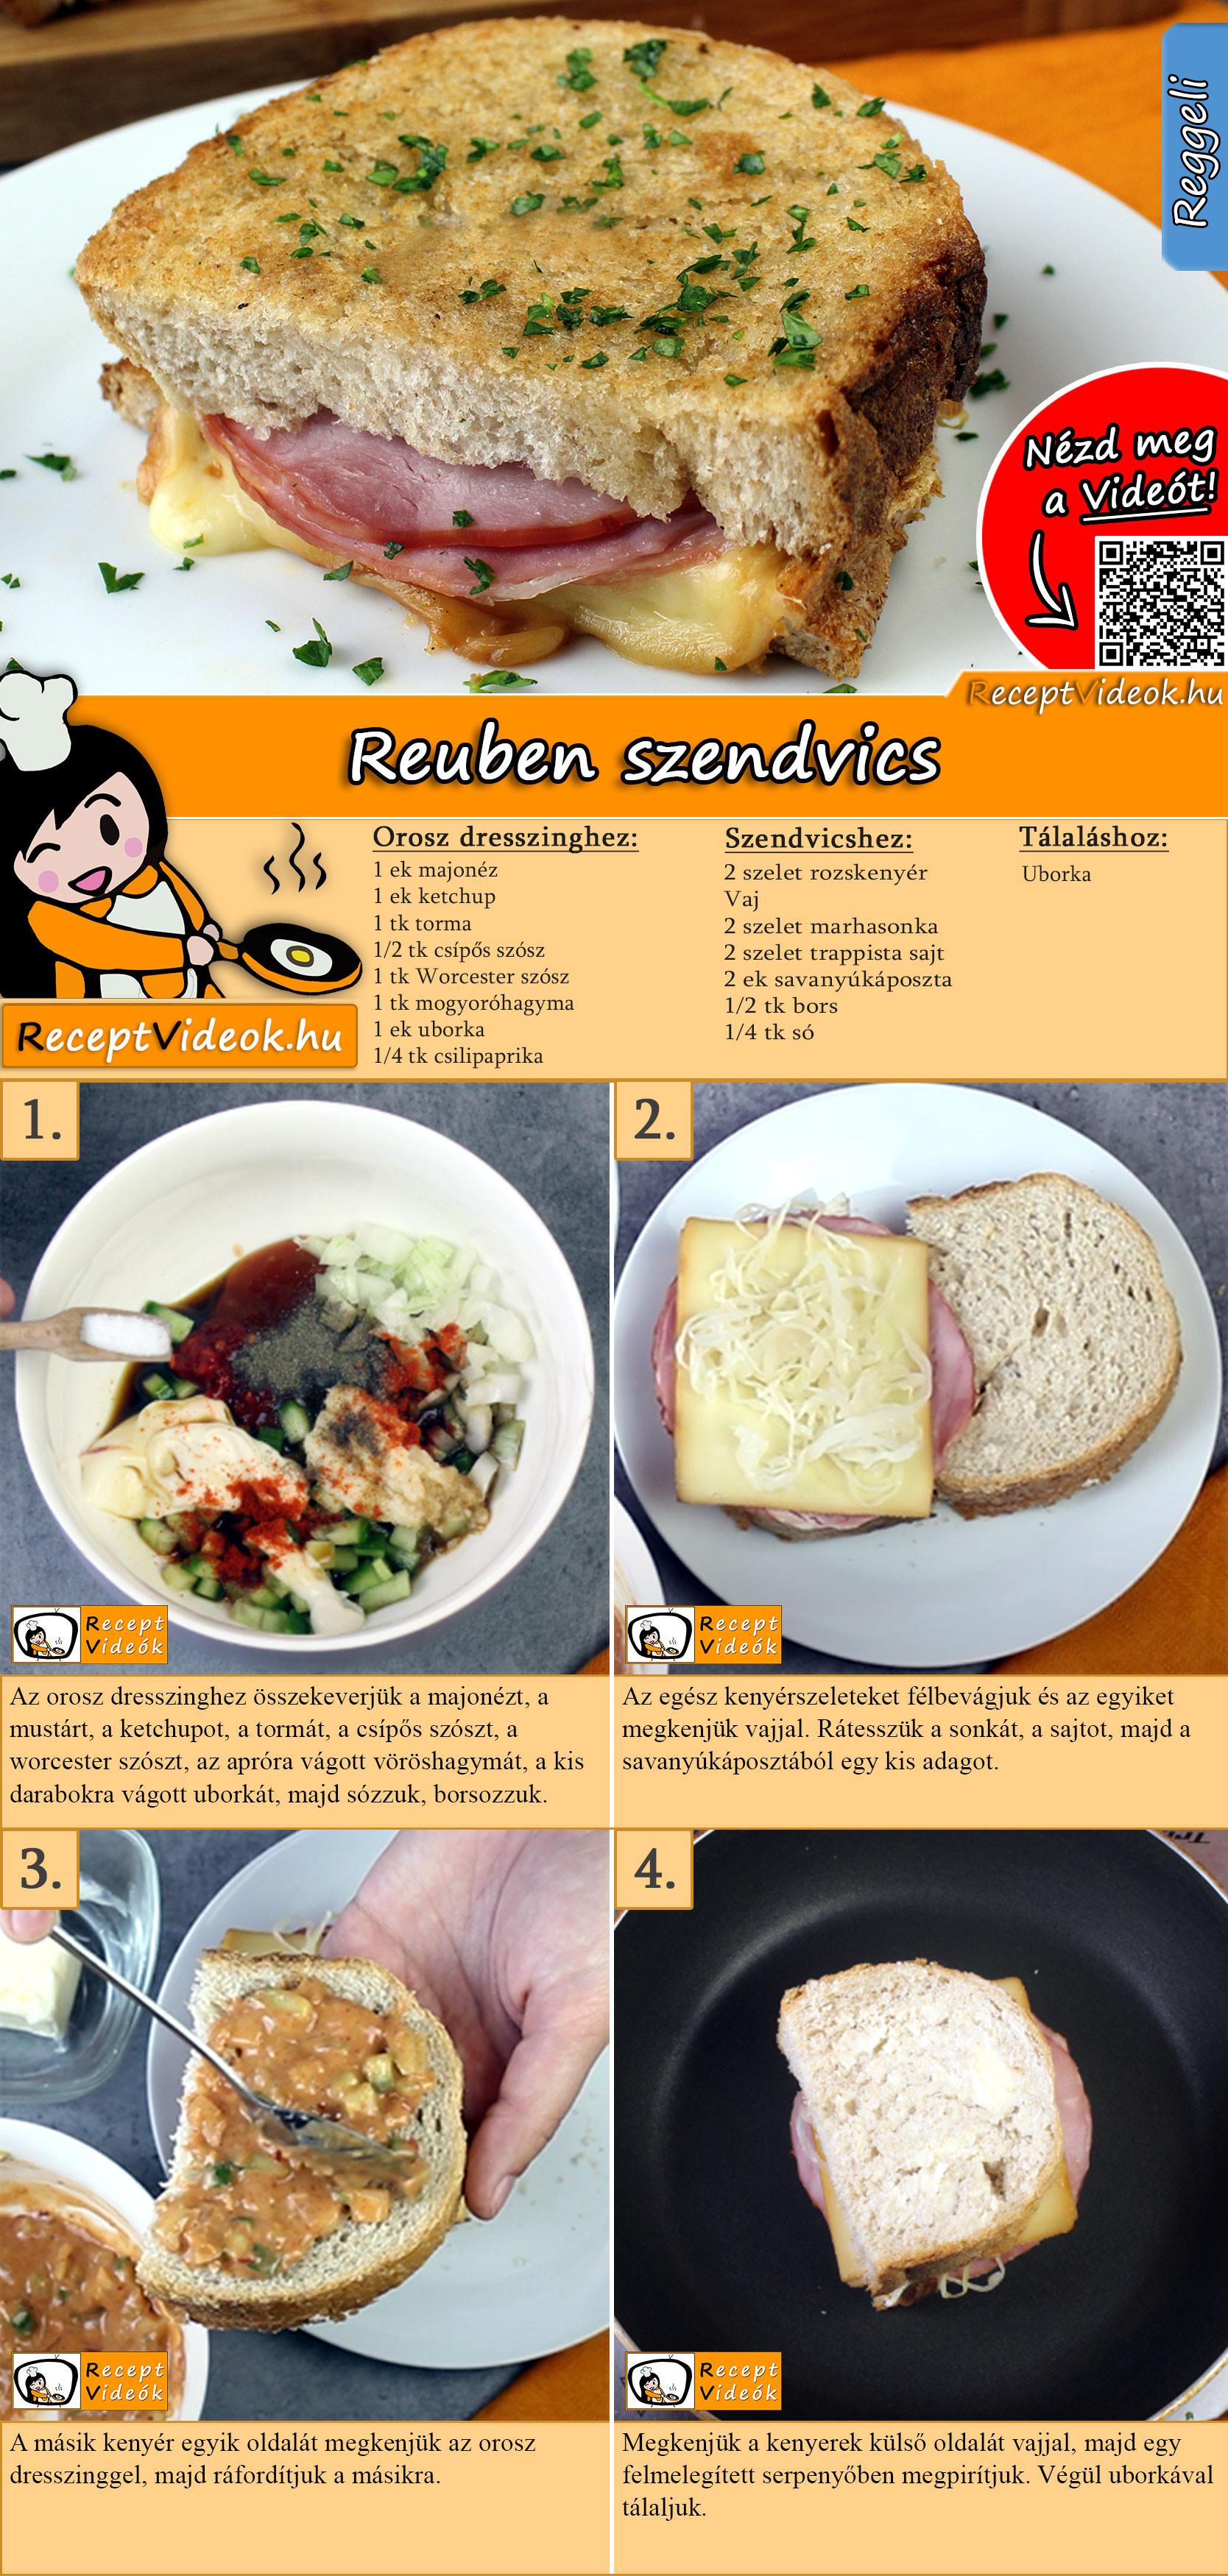 Reuben szendvics recept elkészítése videóval